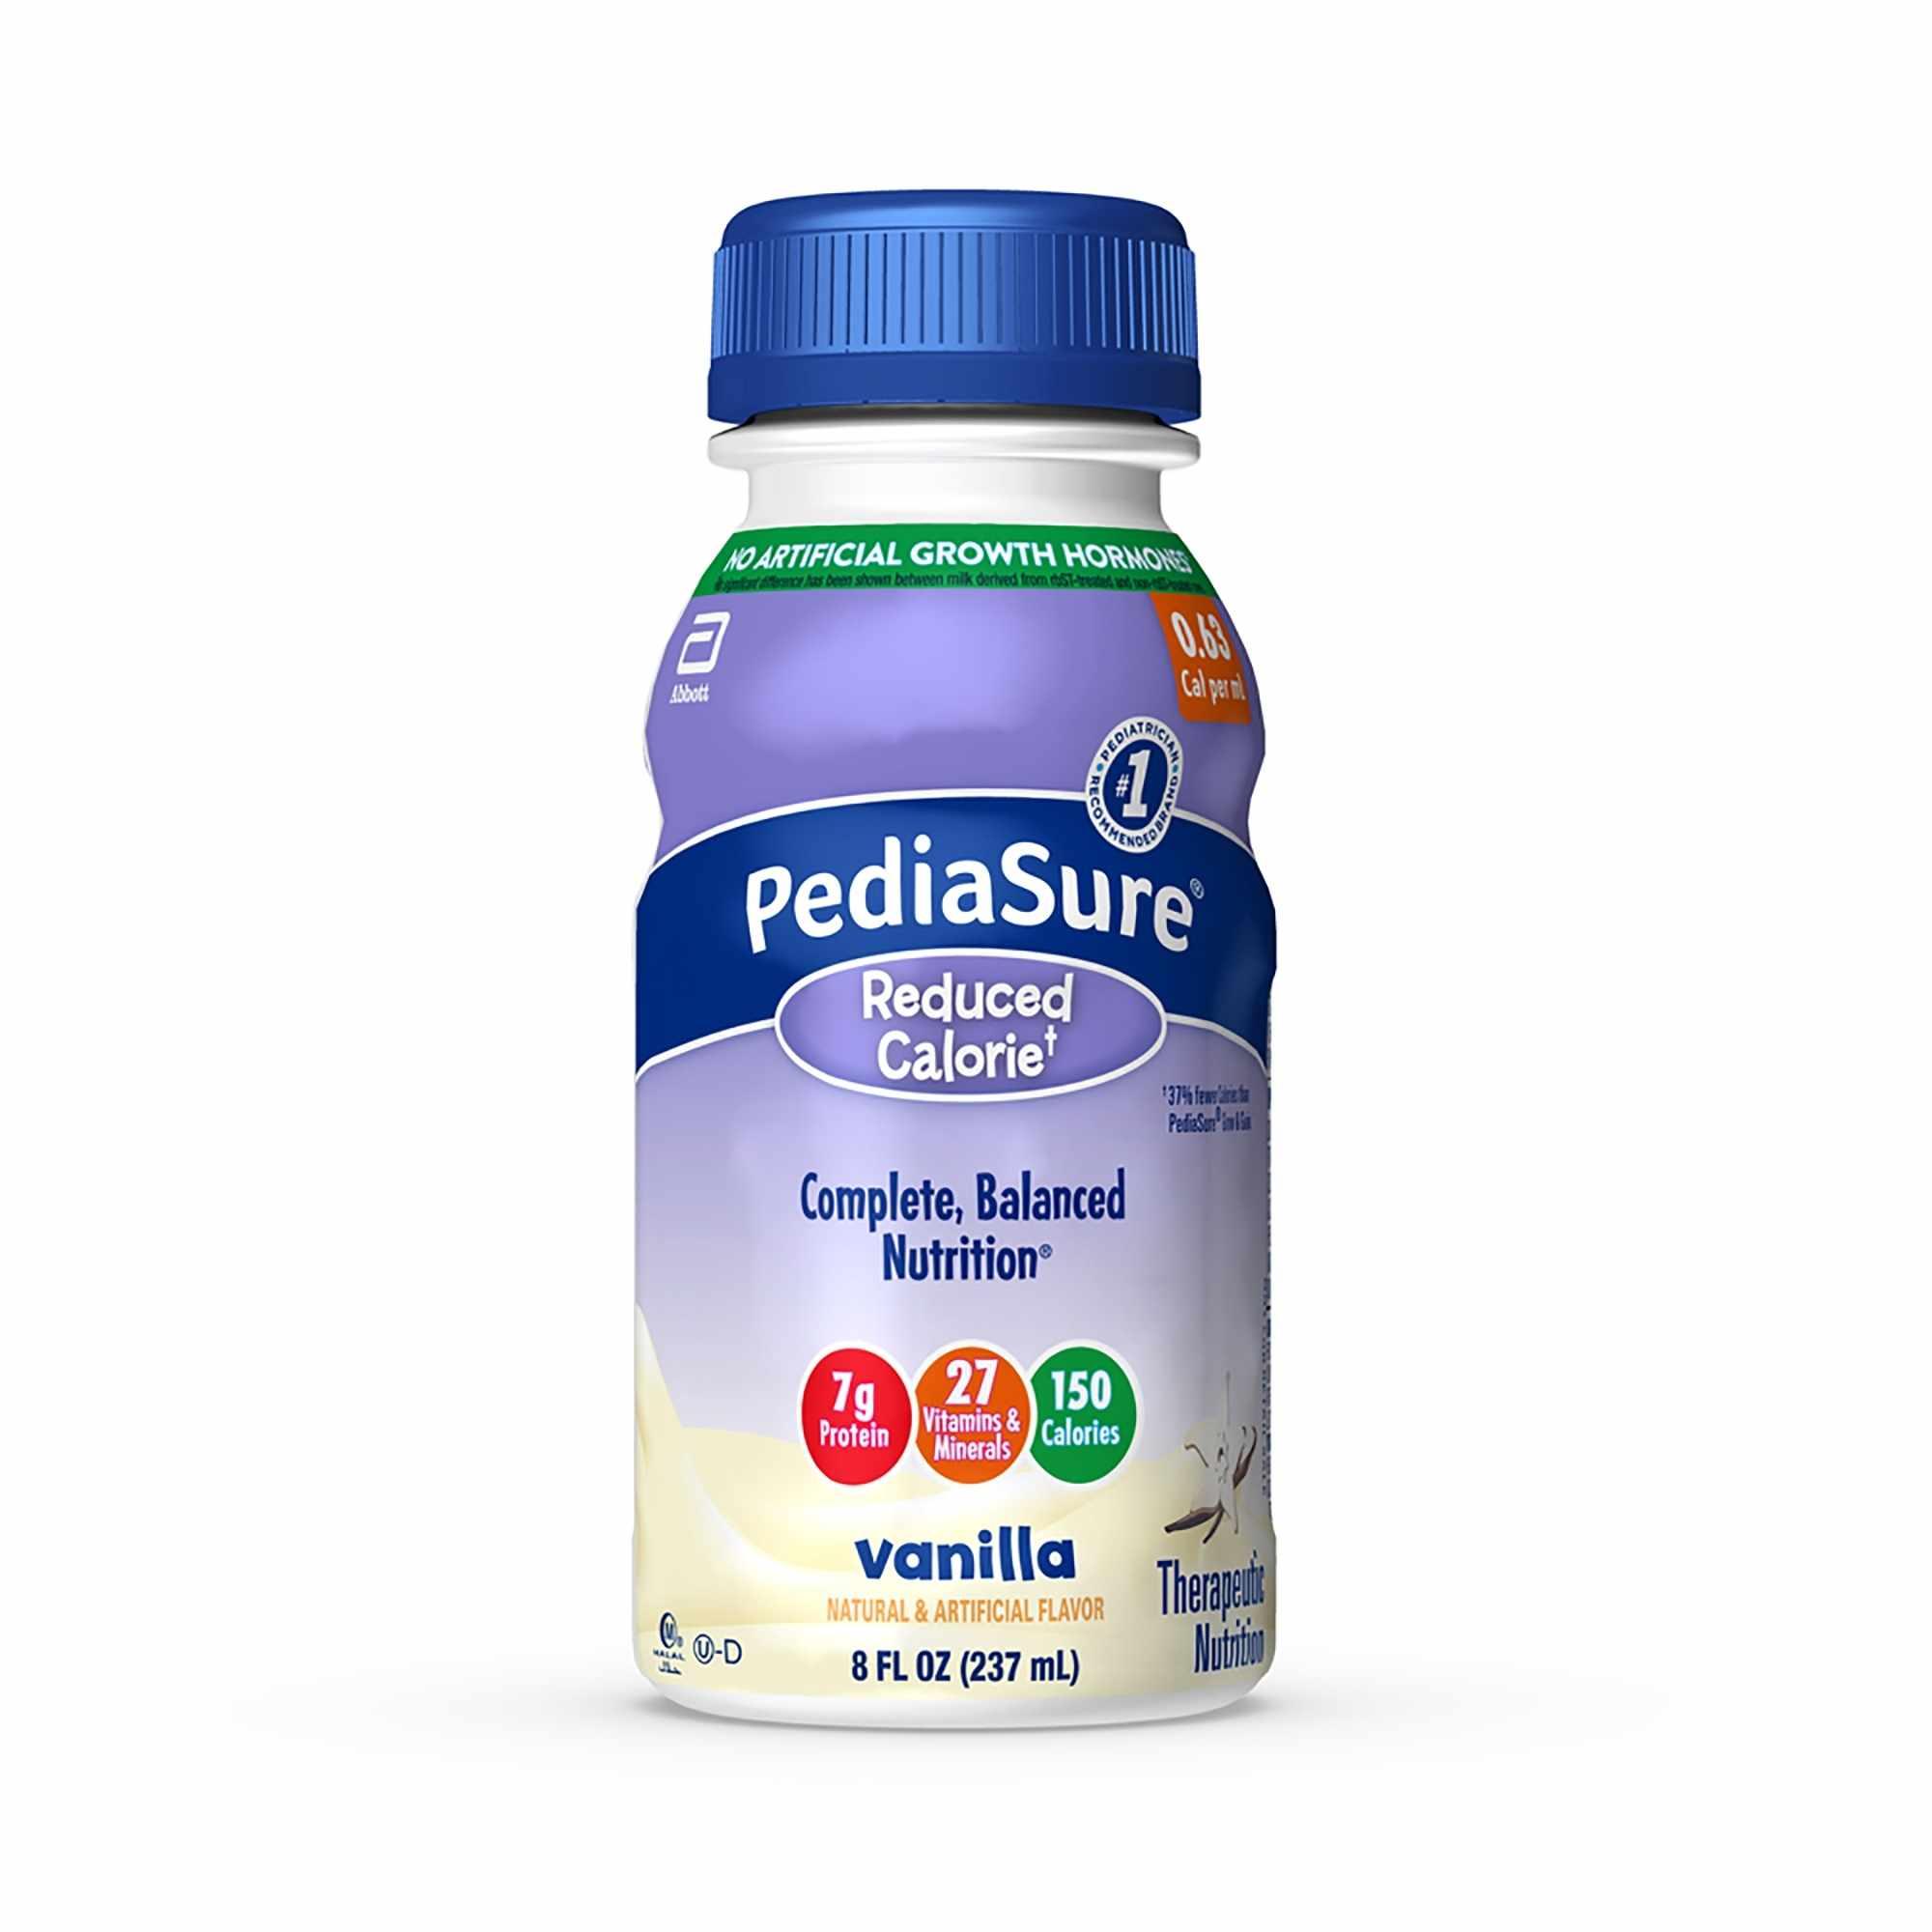 PediaSure Reduced Calorie Pediatric Oral Supplement